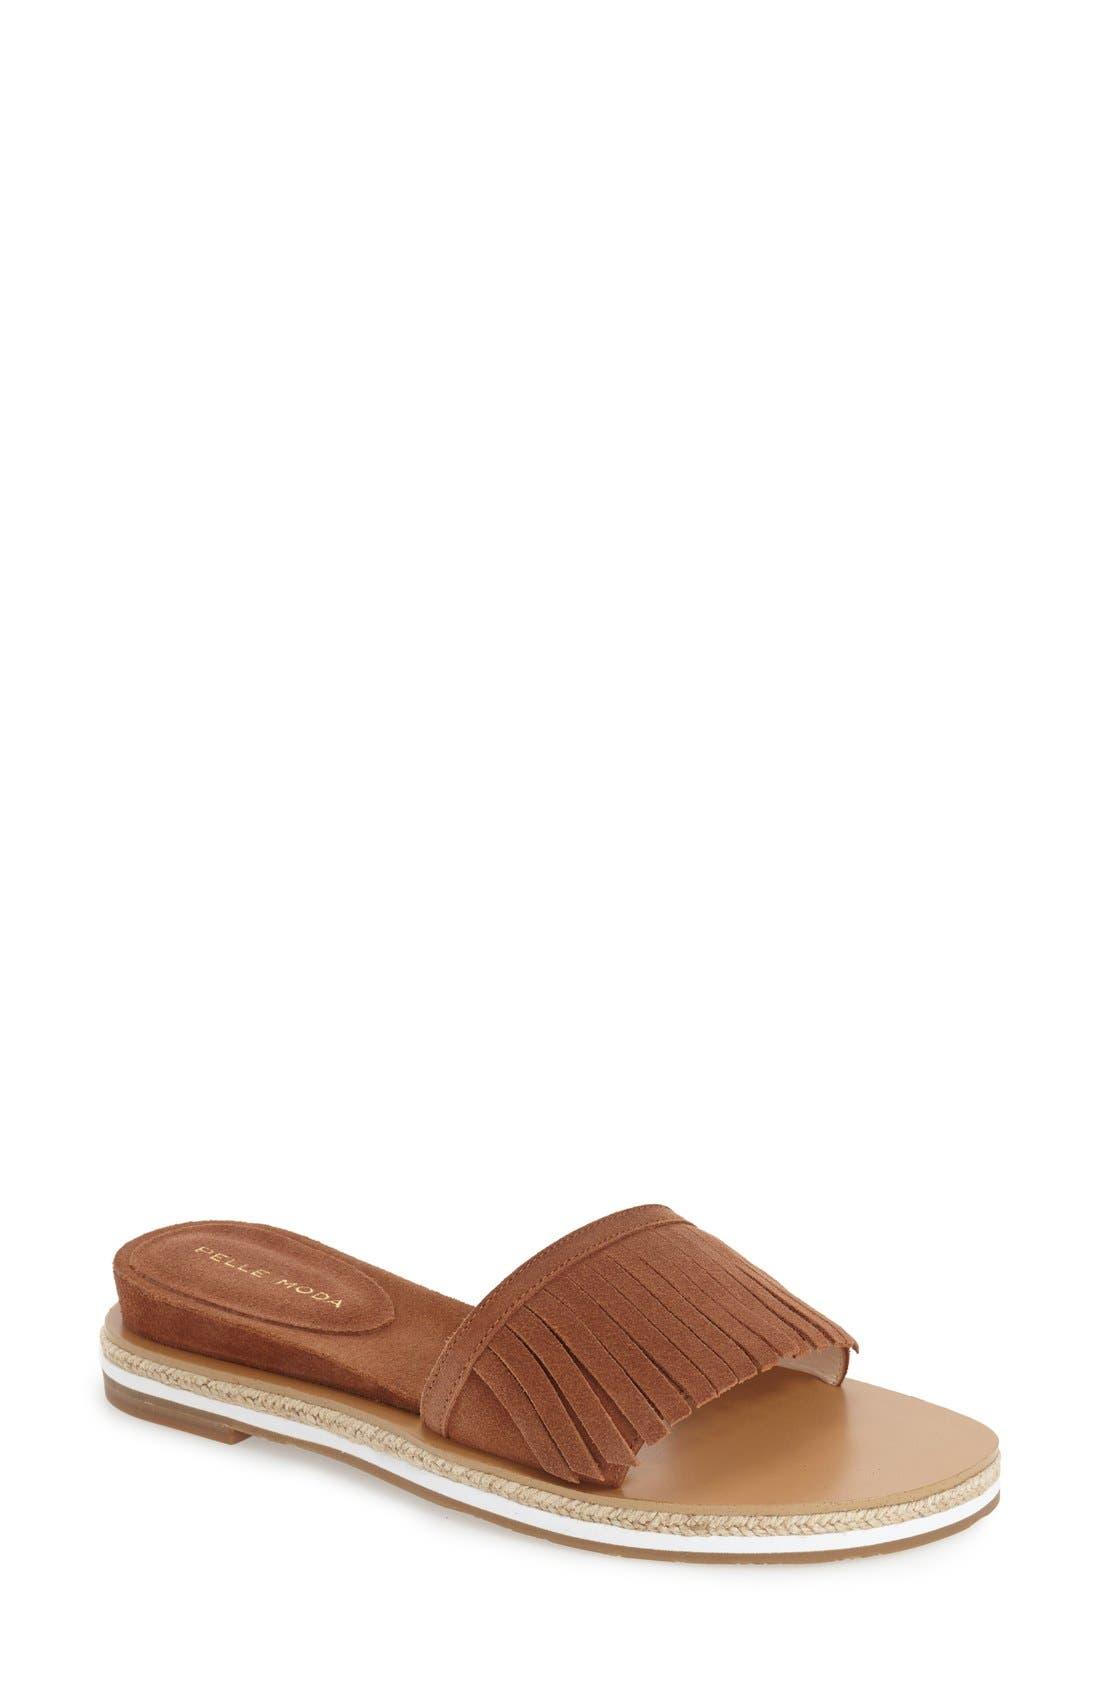 Alternate Image 1 Selected - Pelle Moda 'Jade' Fringe Slide Sandal (Women)